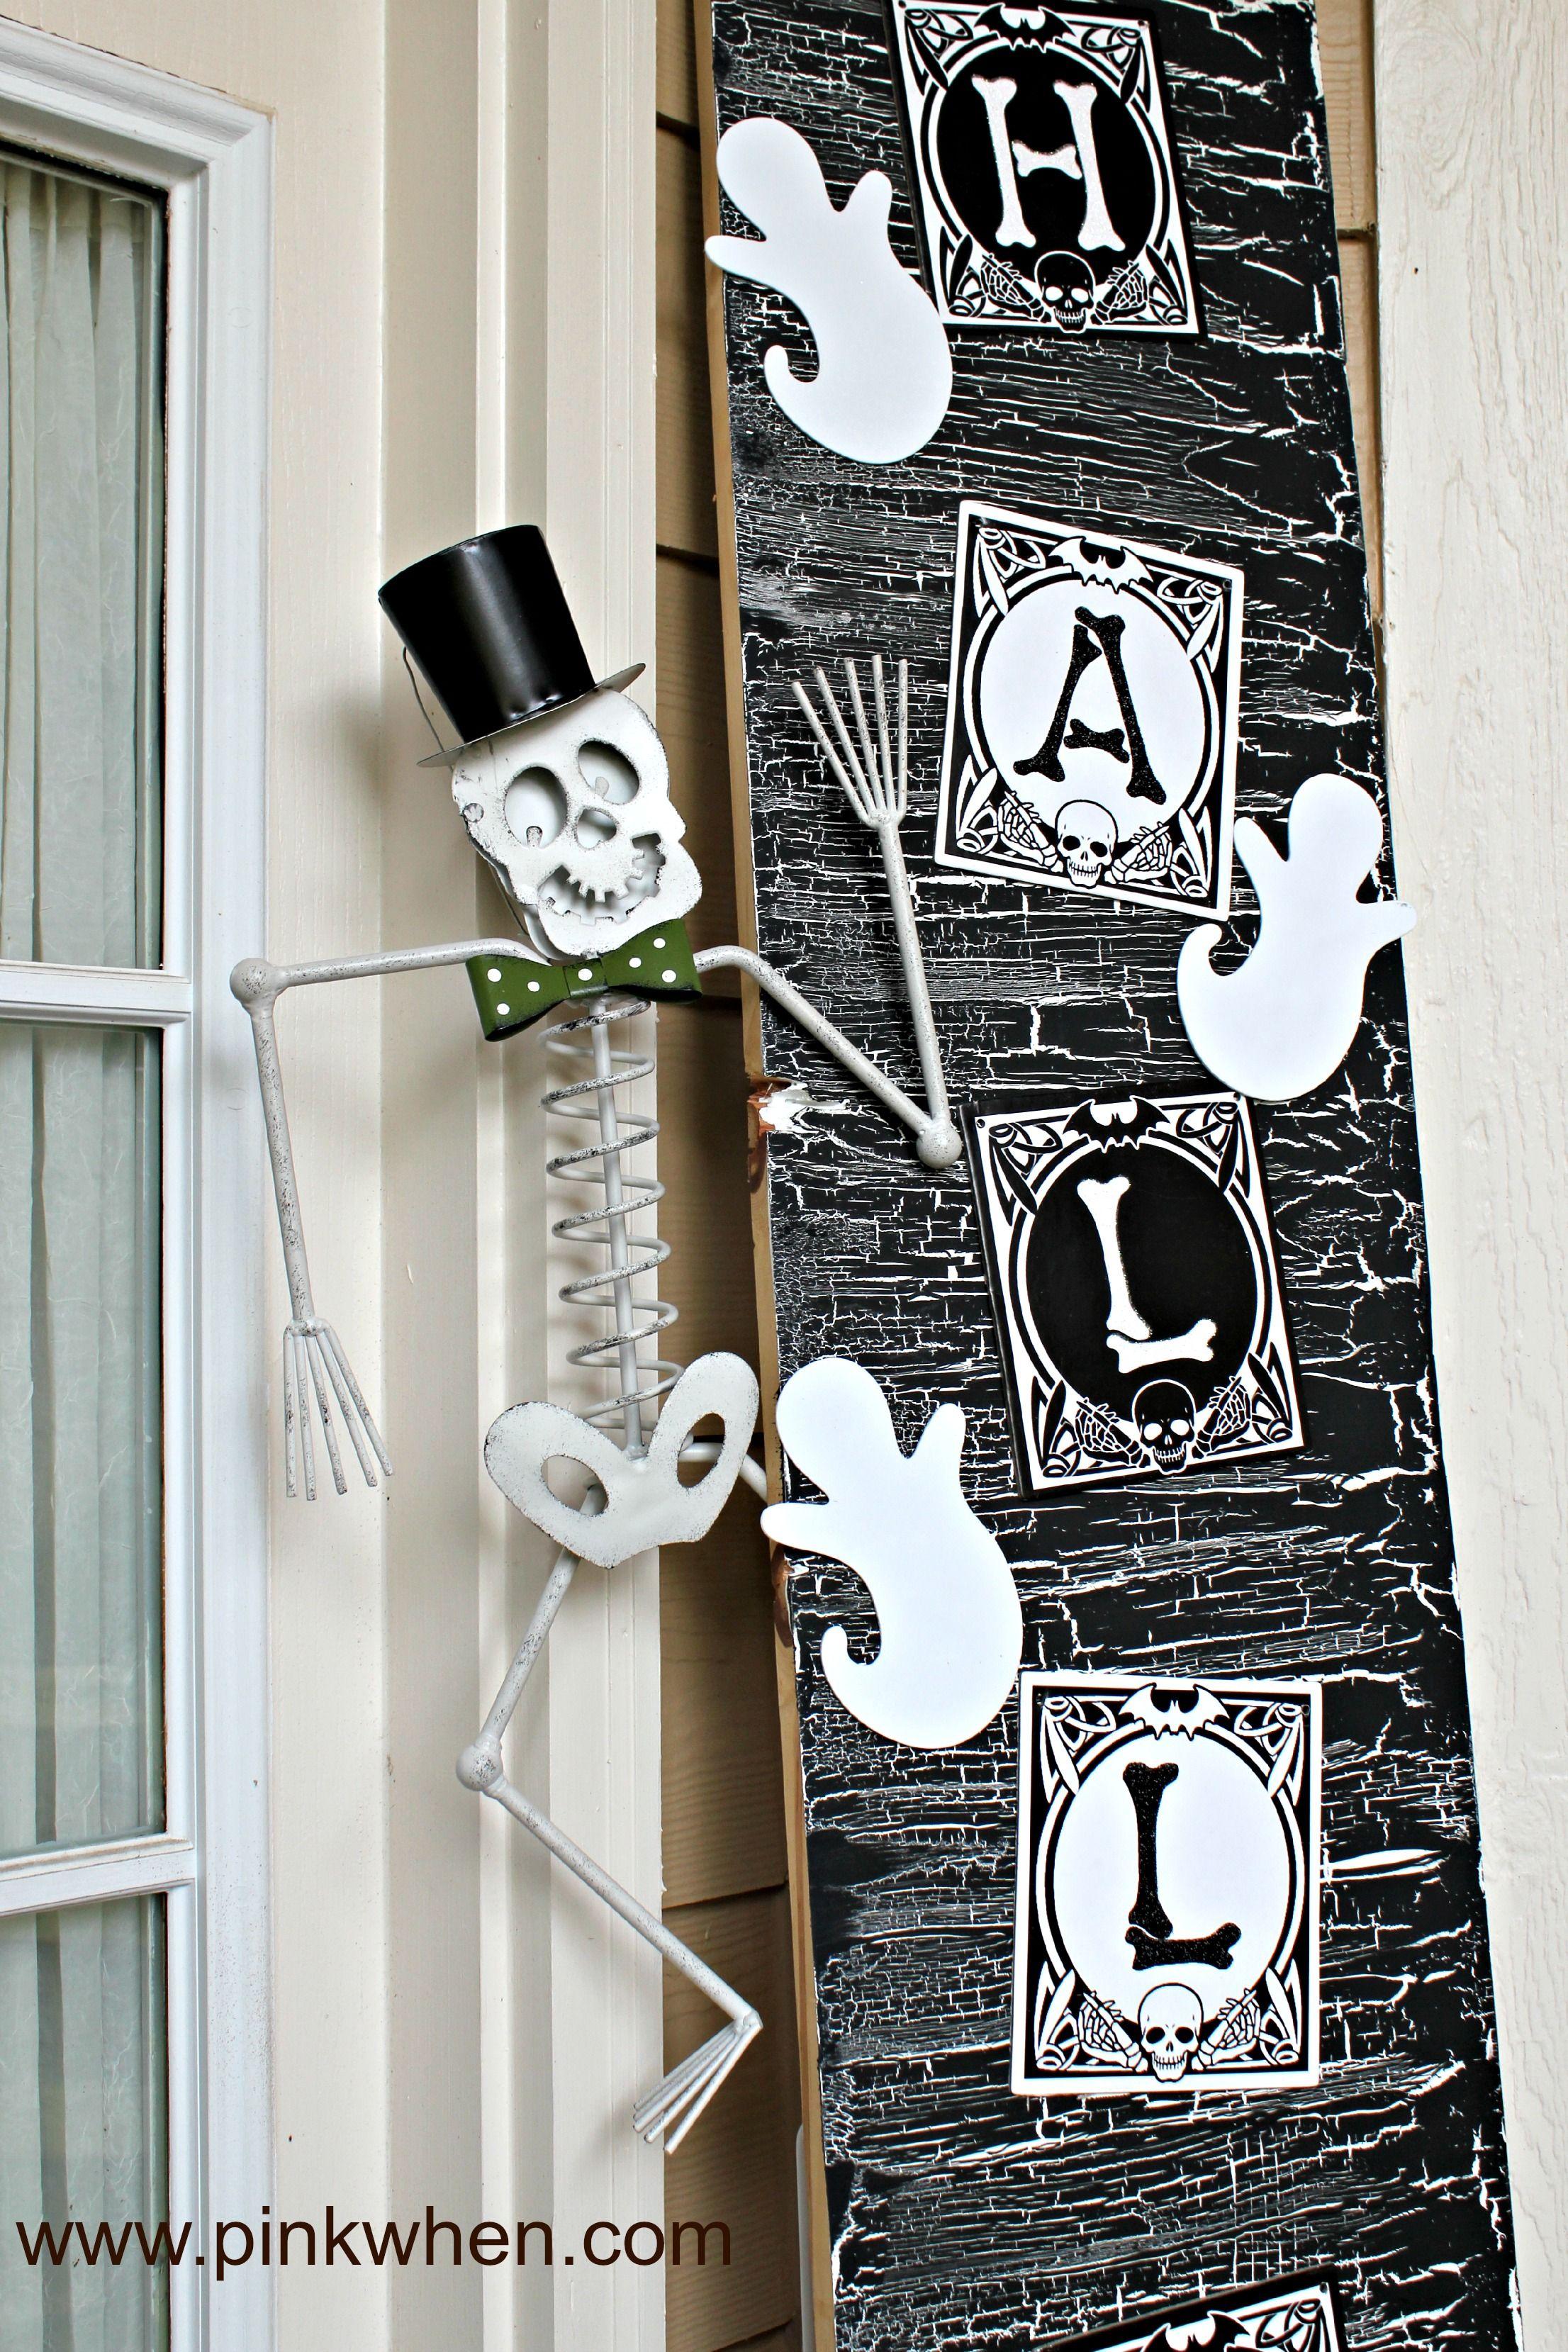 Halloween Door Decor and #spookyspaces with PinkWhen Halloween - pinterest halloween door decor